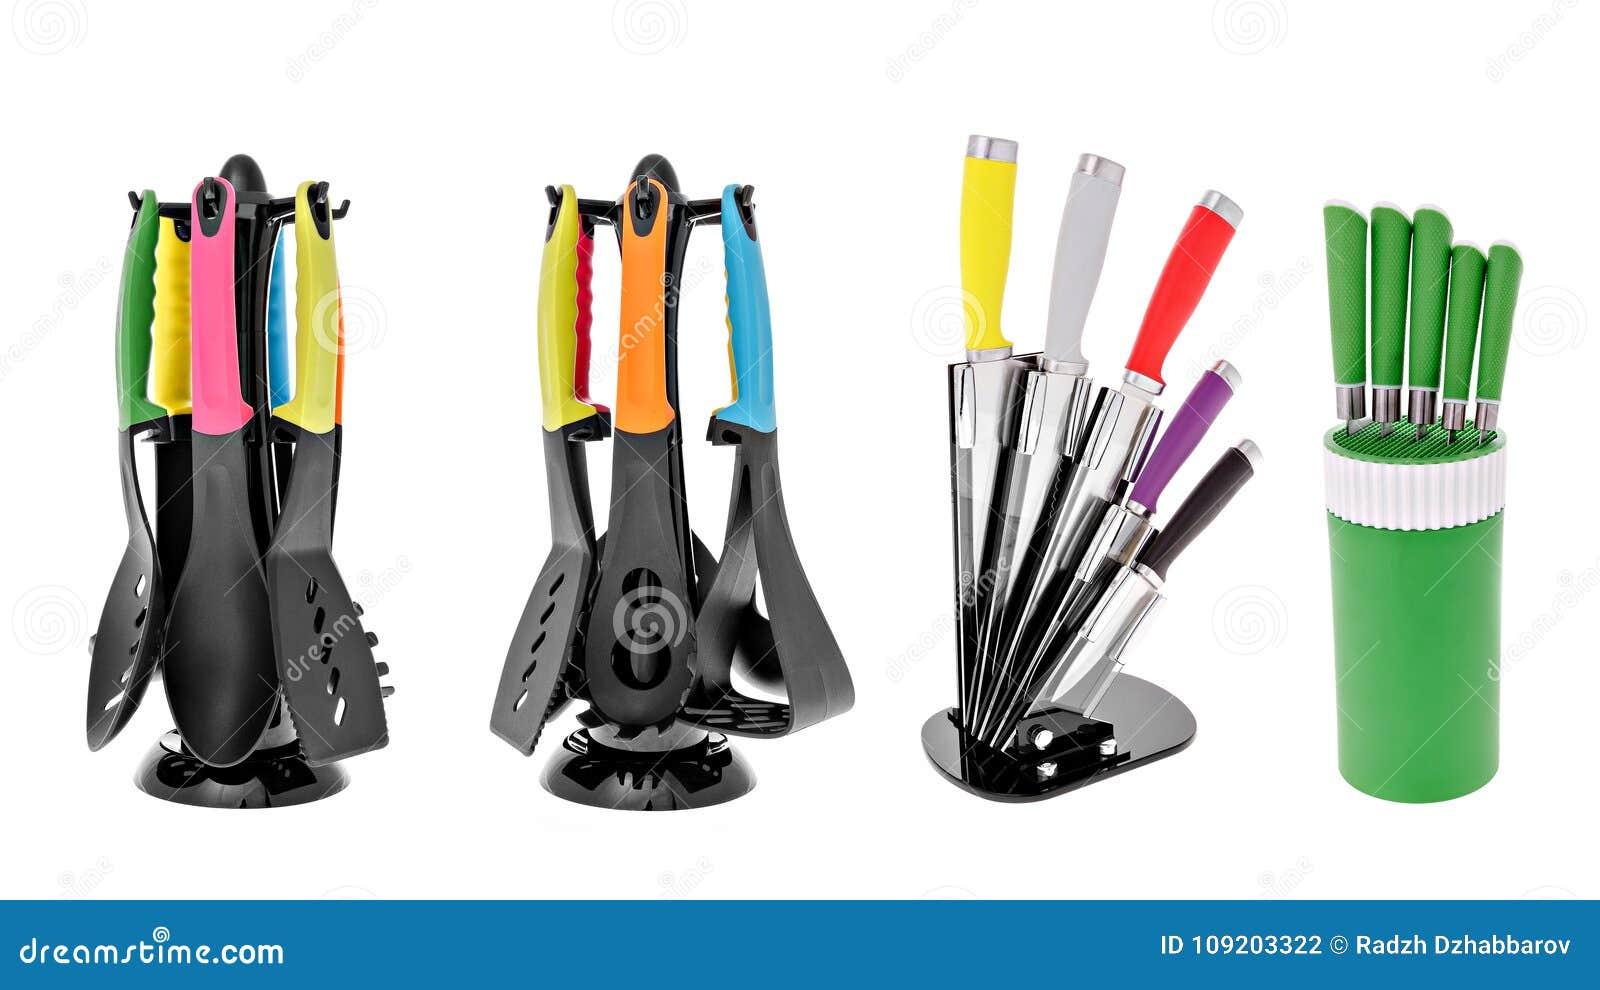 Appareils de cuisine, un ensemble de cuillères, couteaux